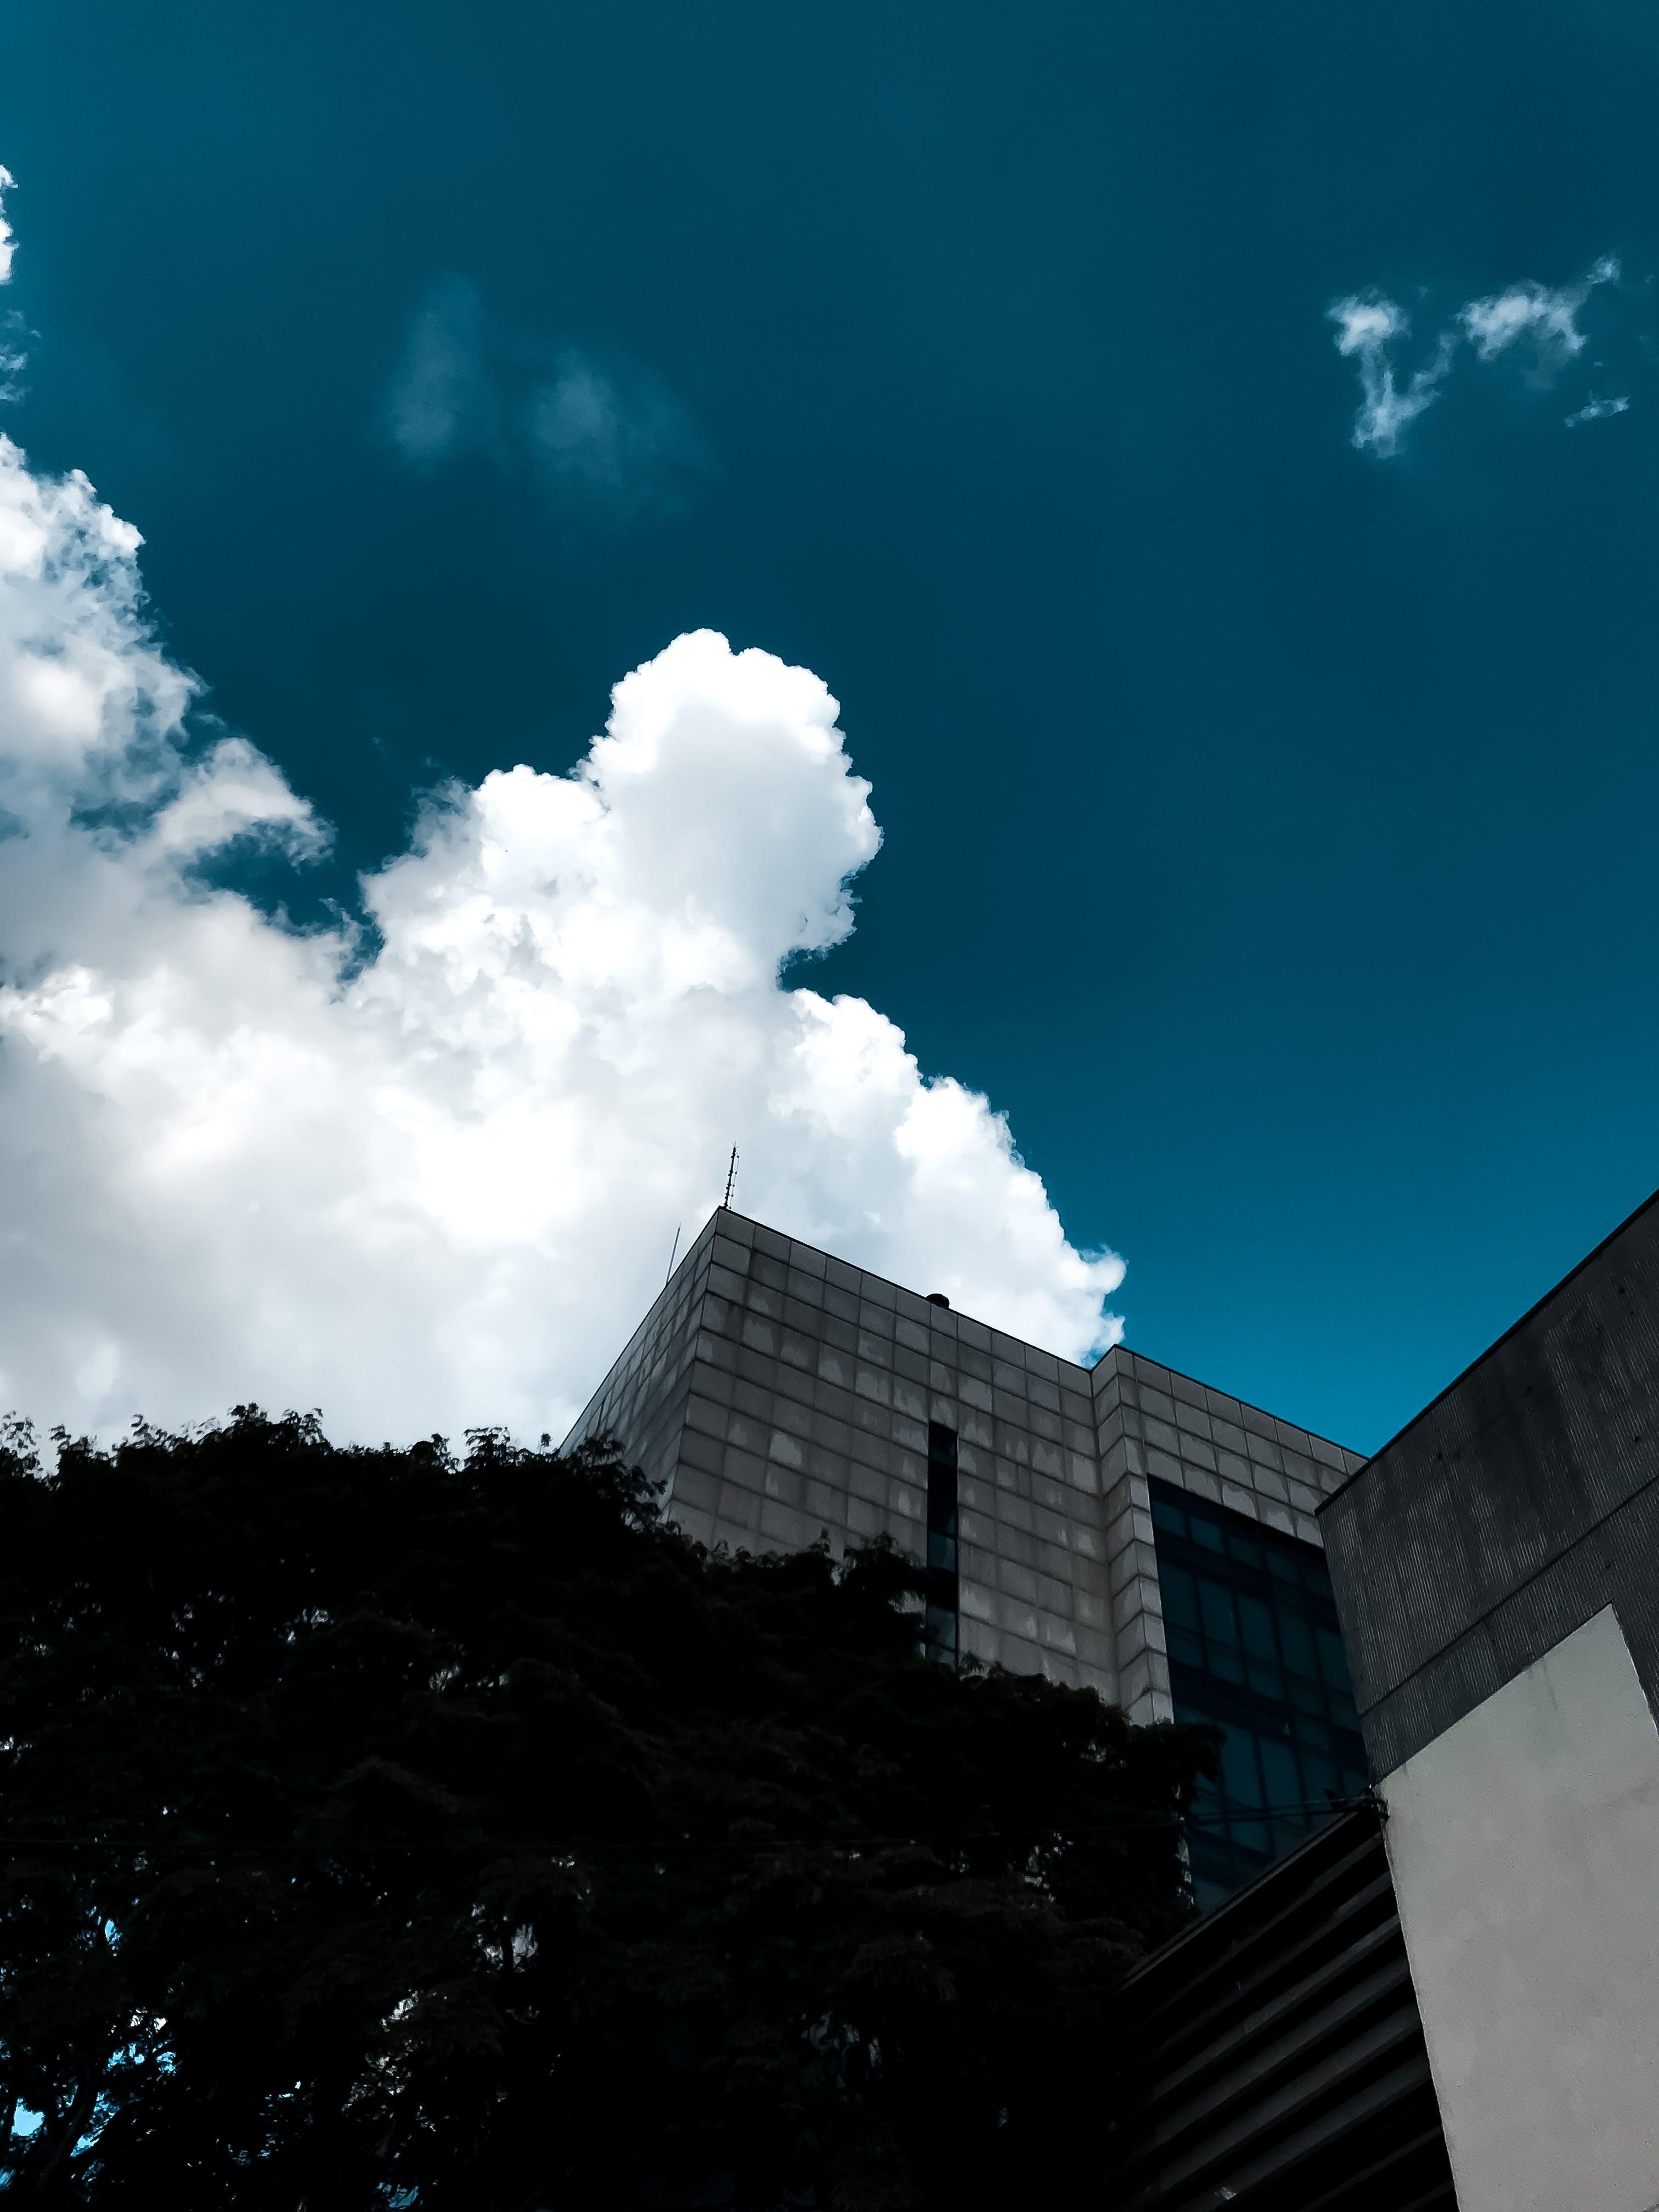 Kostenloses Stock Foto zu architektur, aufnahme von unten, außen, bäume